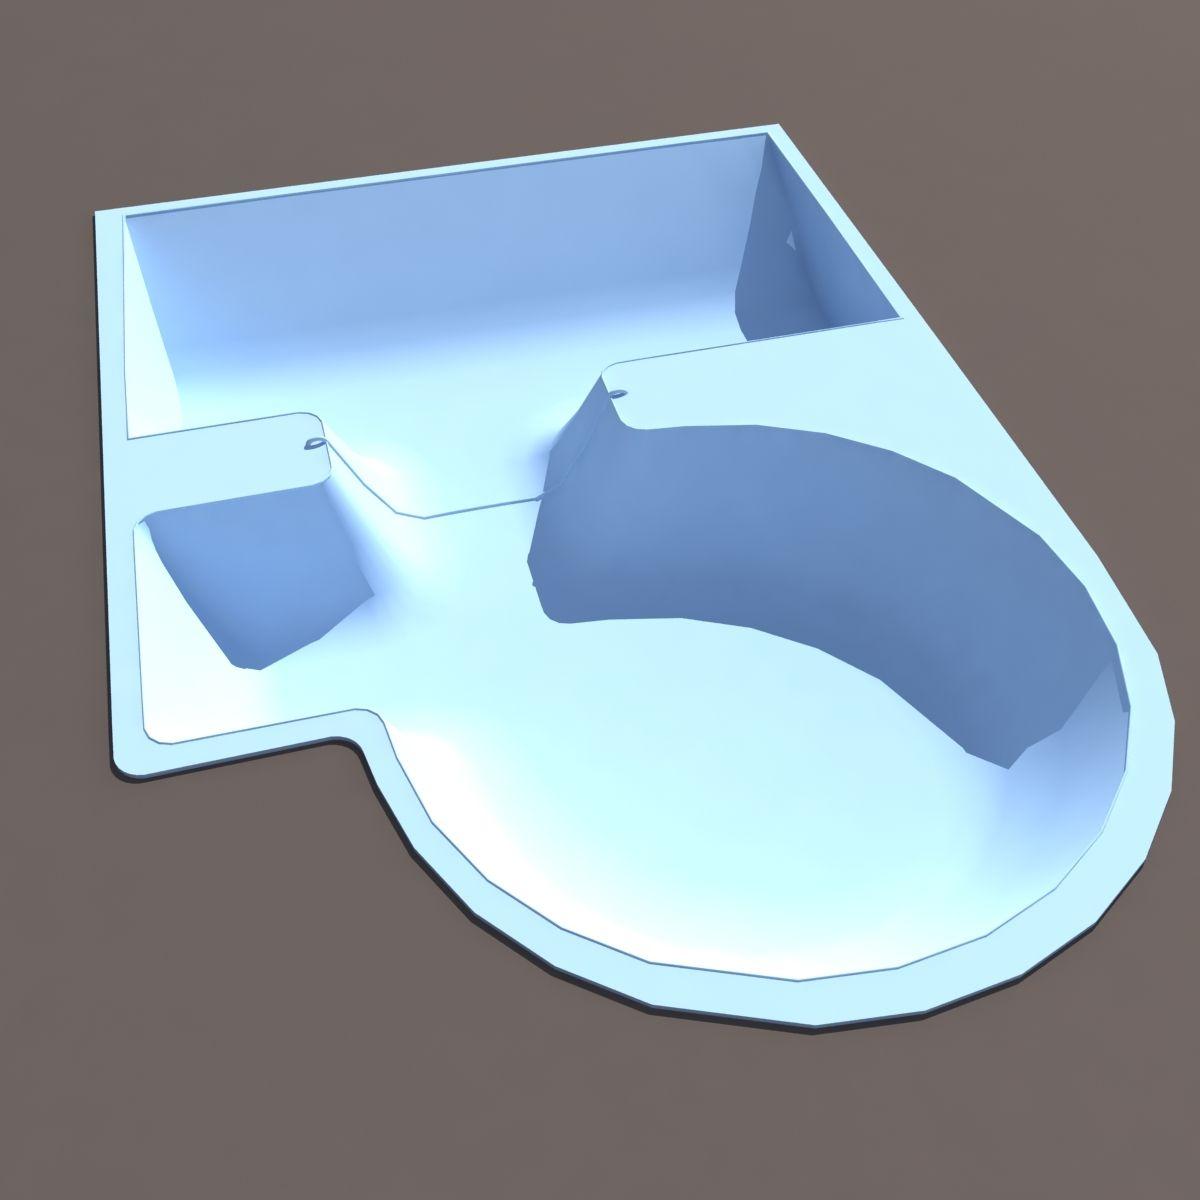 Skate Swimming Pool Low poly 3d Model #Swimming, #Skate, #Pool ...